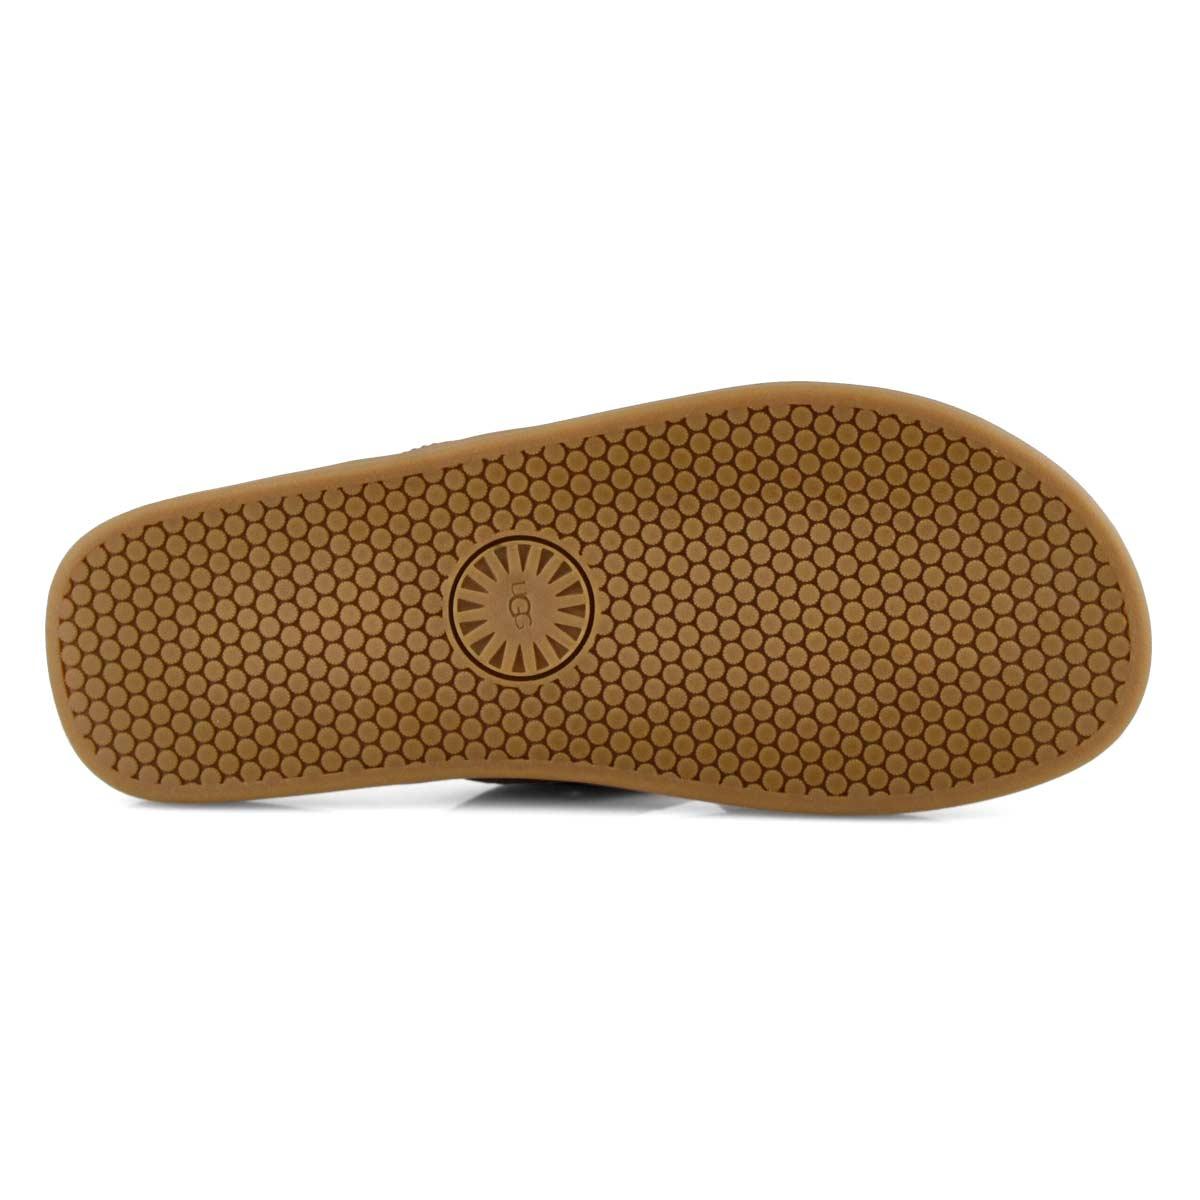 Men's Seaside Flip Thong Sandal - Chestnut